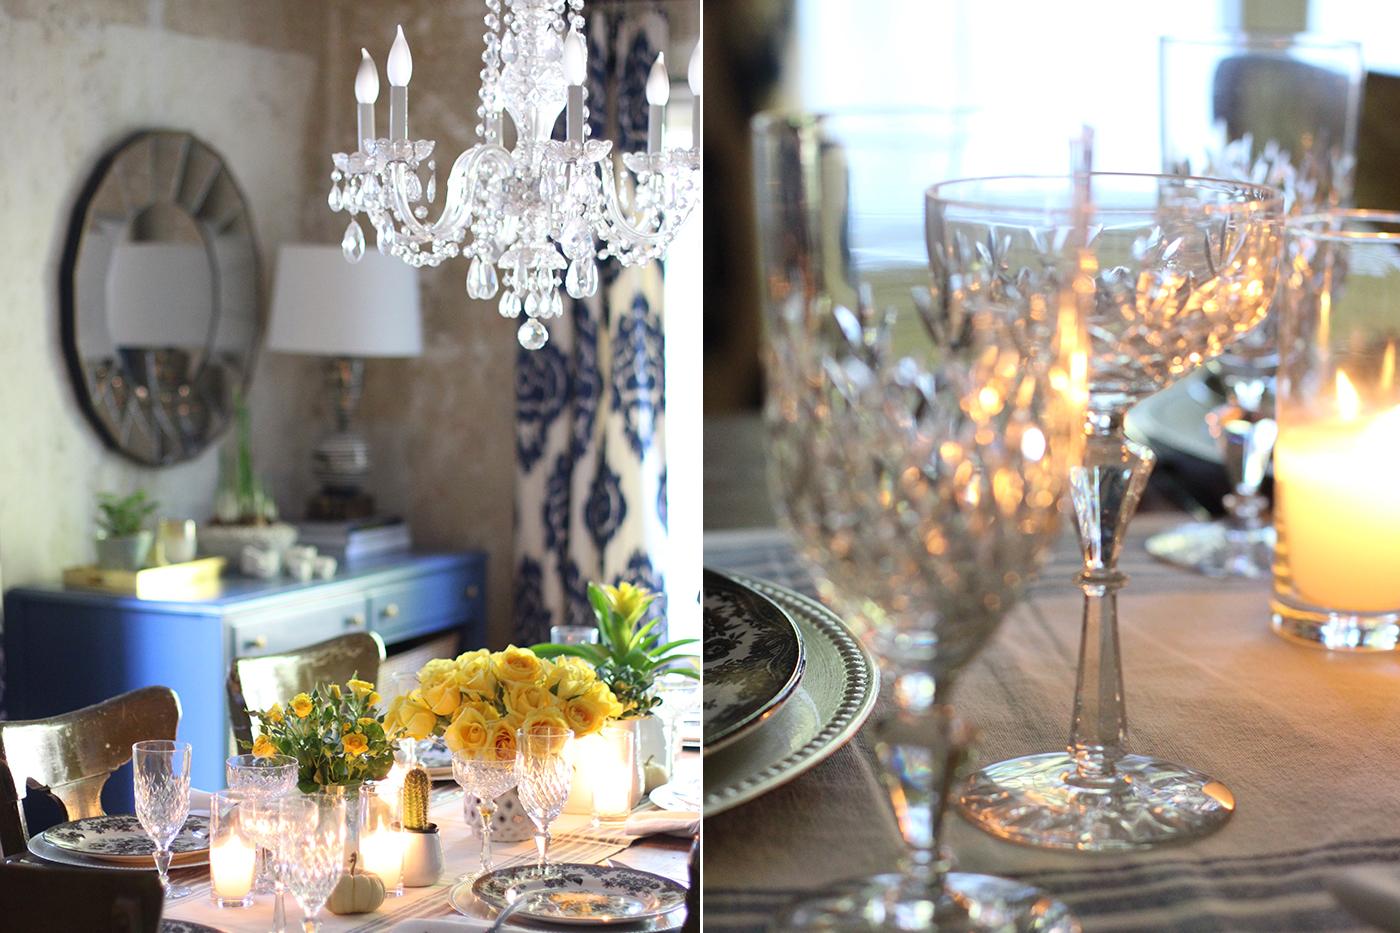 manderley-design-co-thanksgiving-table-setting.jpg